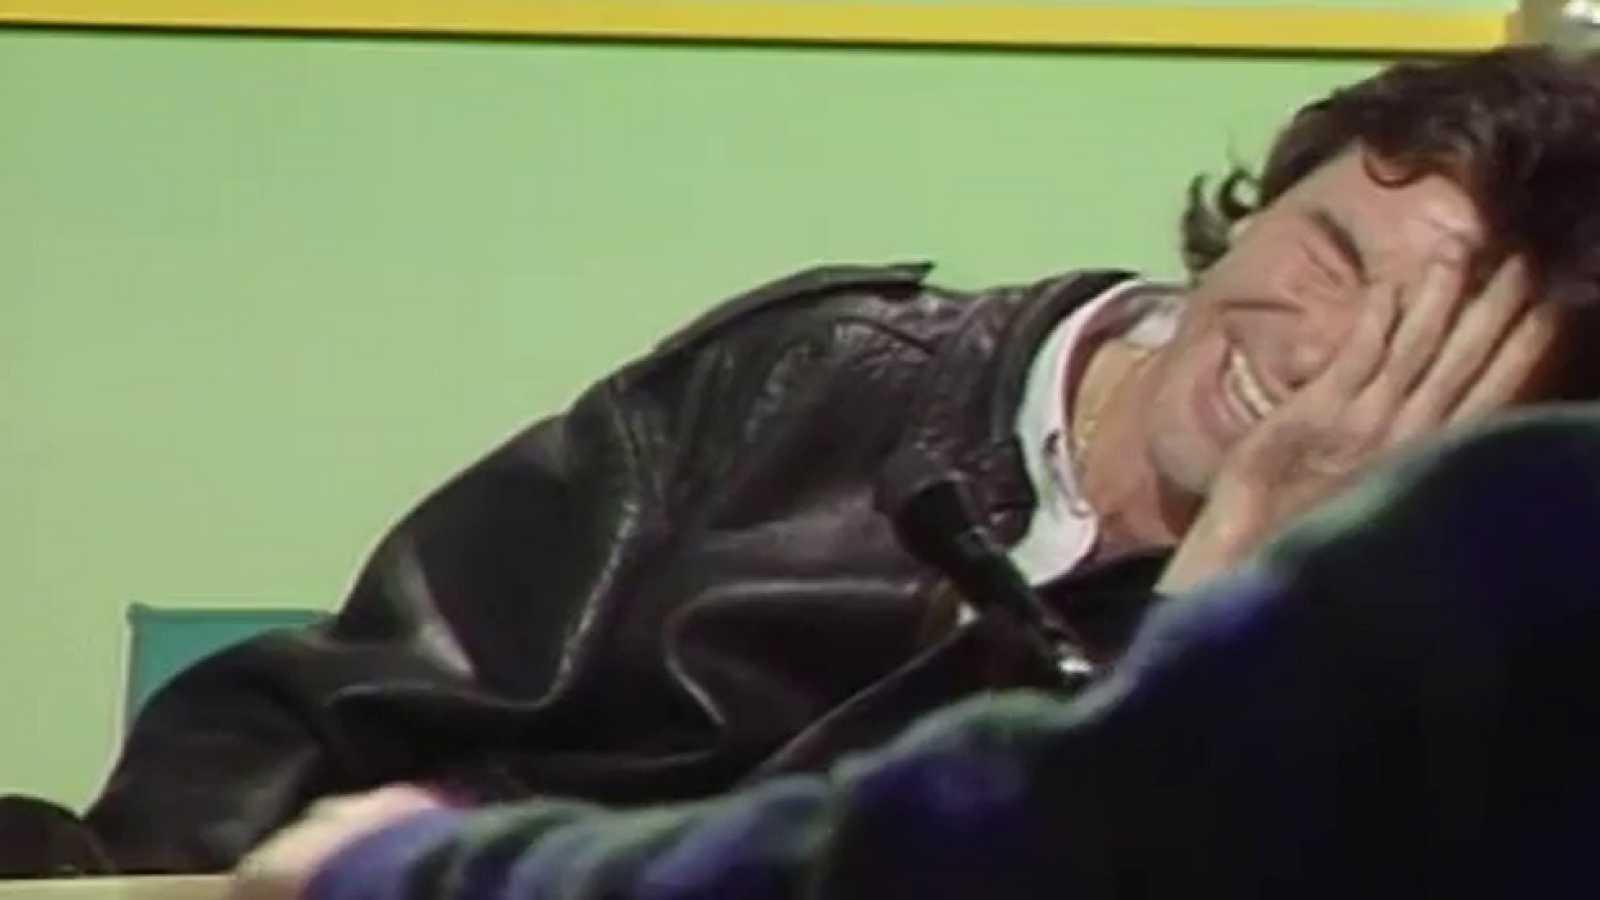 Inocentada: Ángel Nieto anuncia que correrá con sidecar (1986)